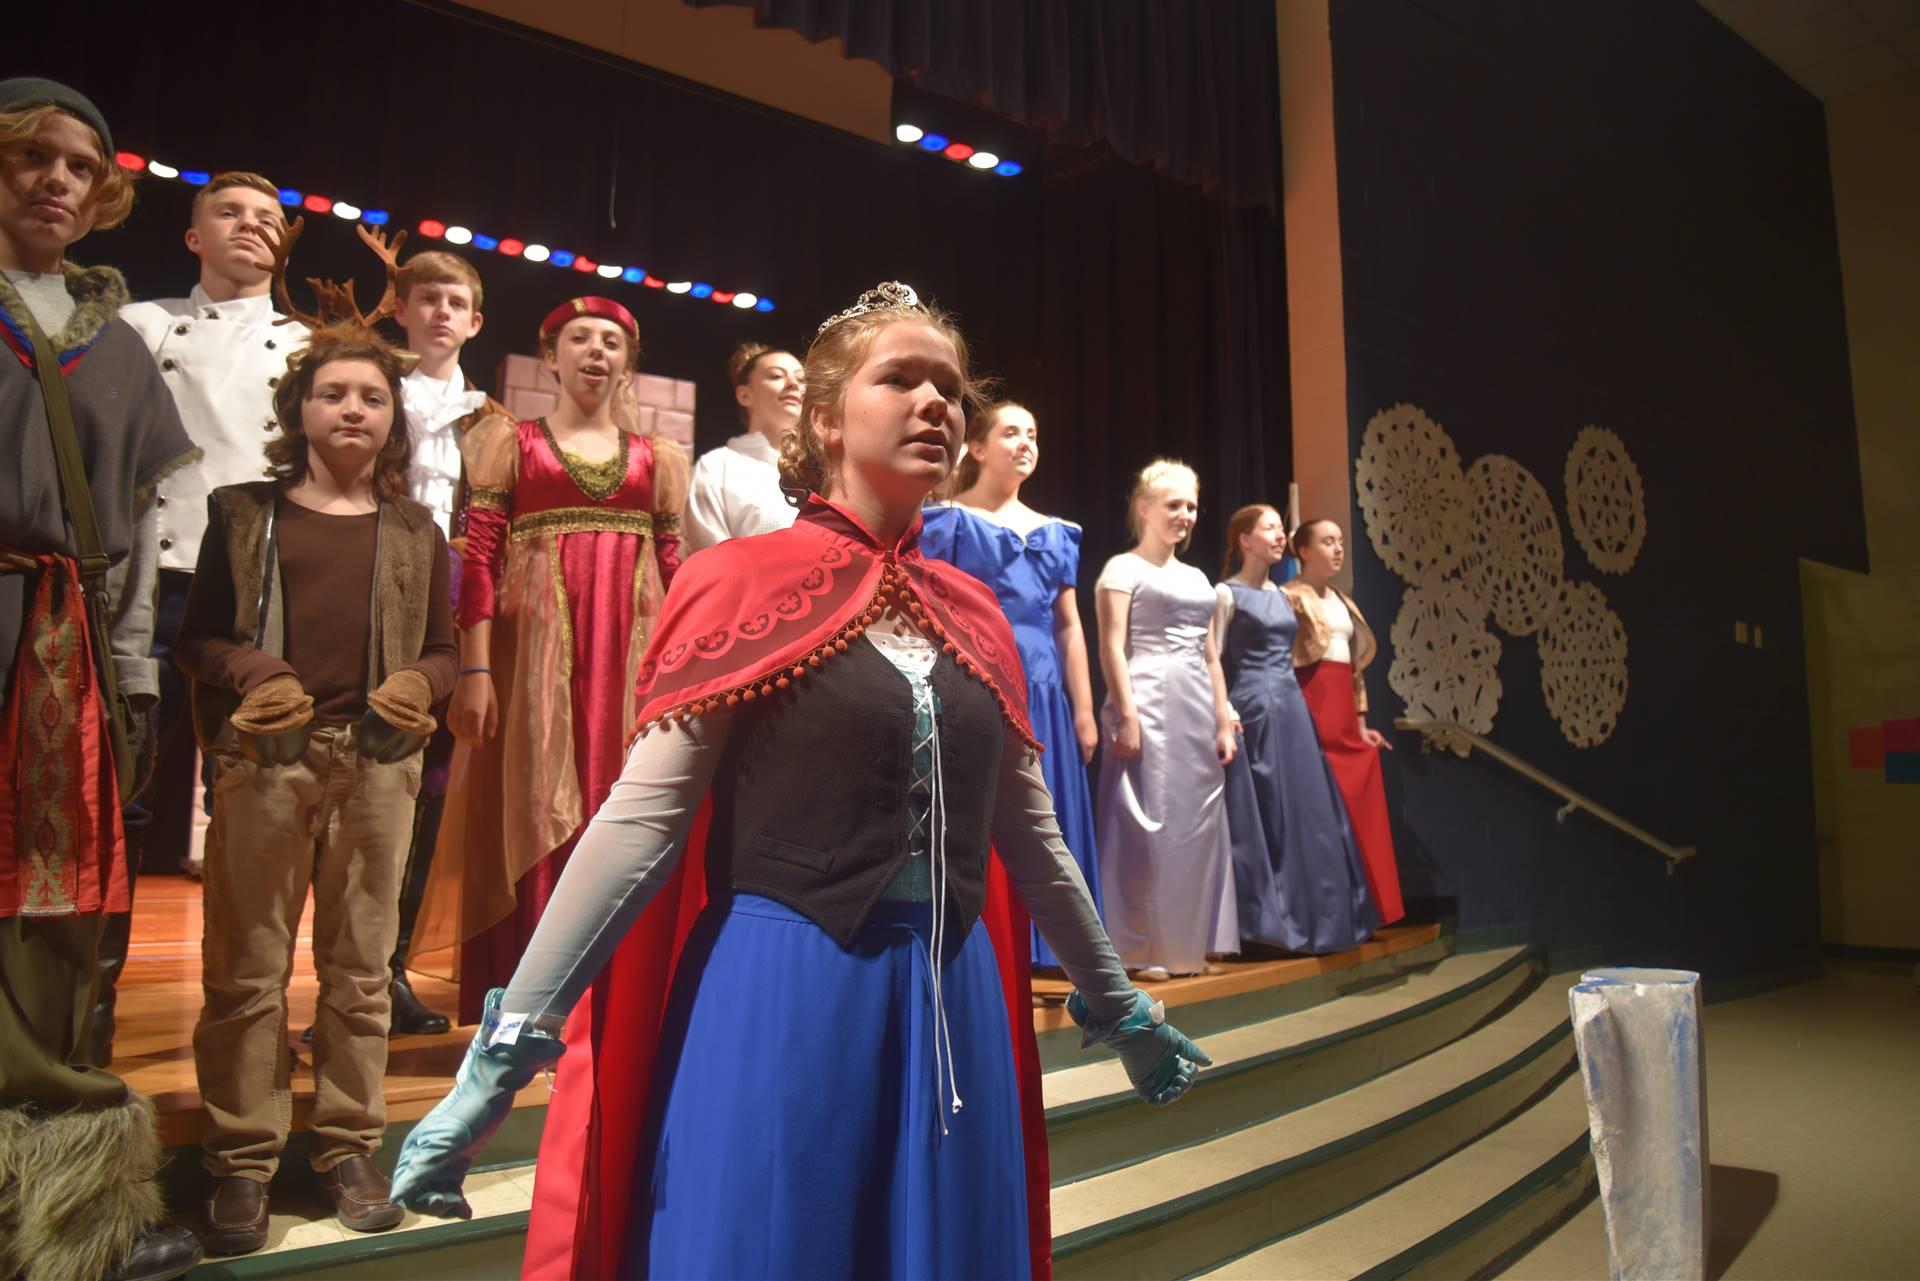 Elise singing